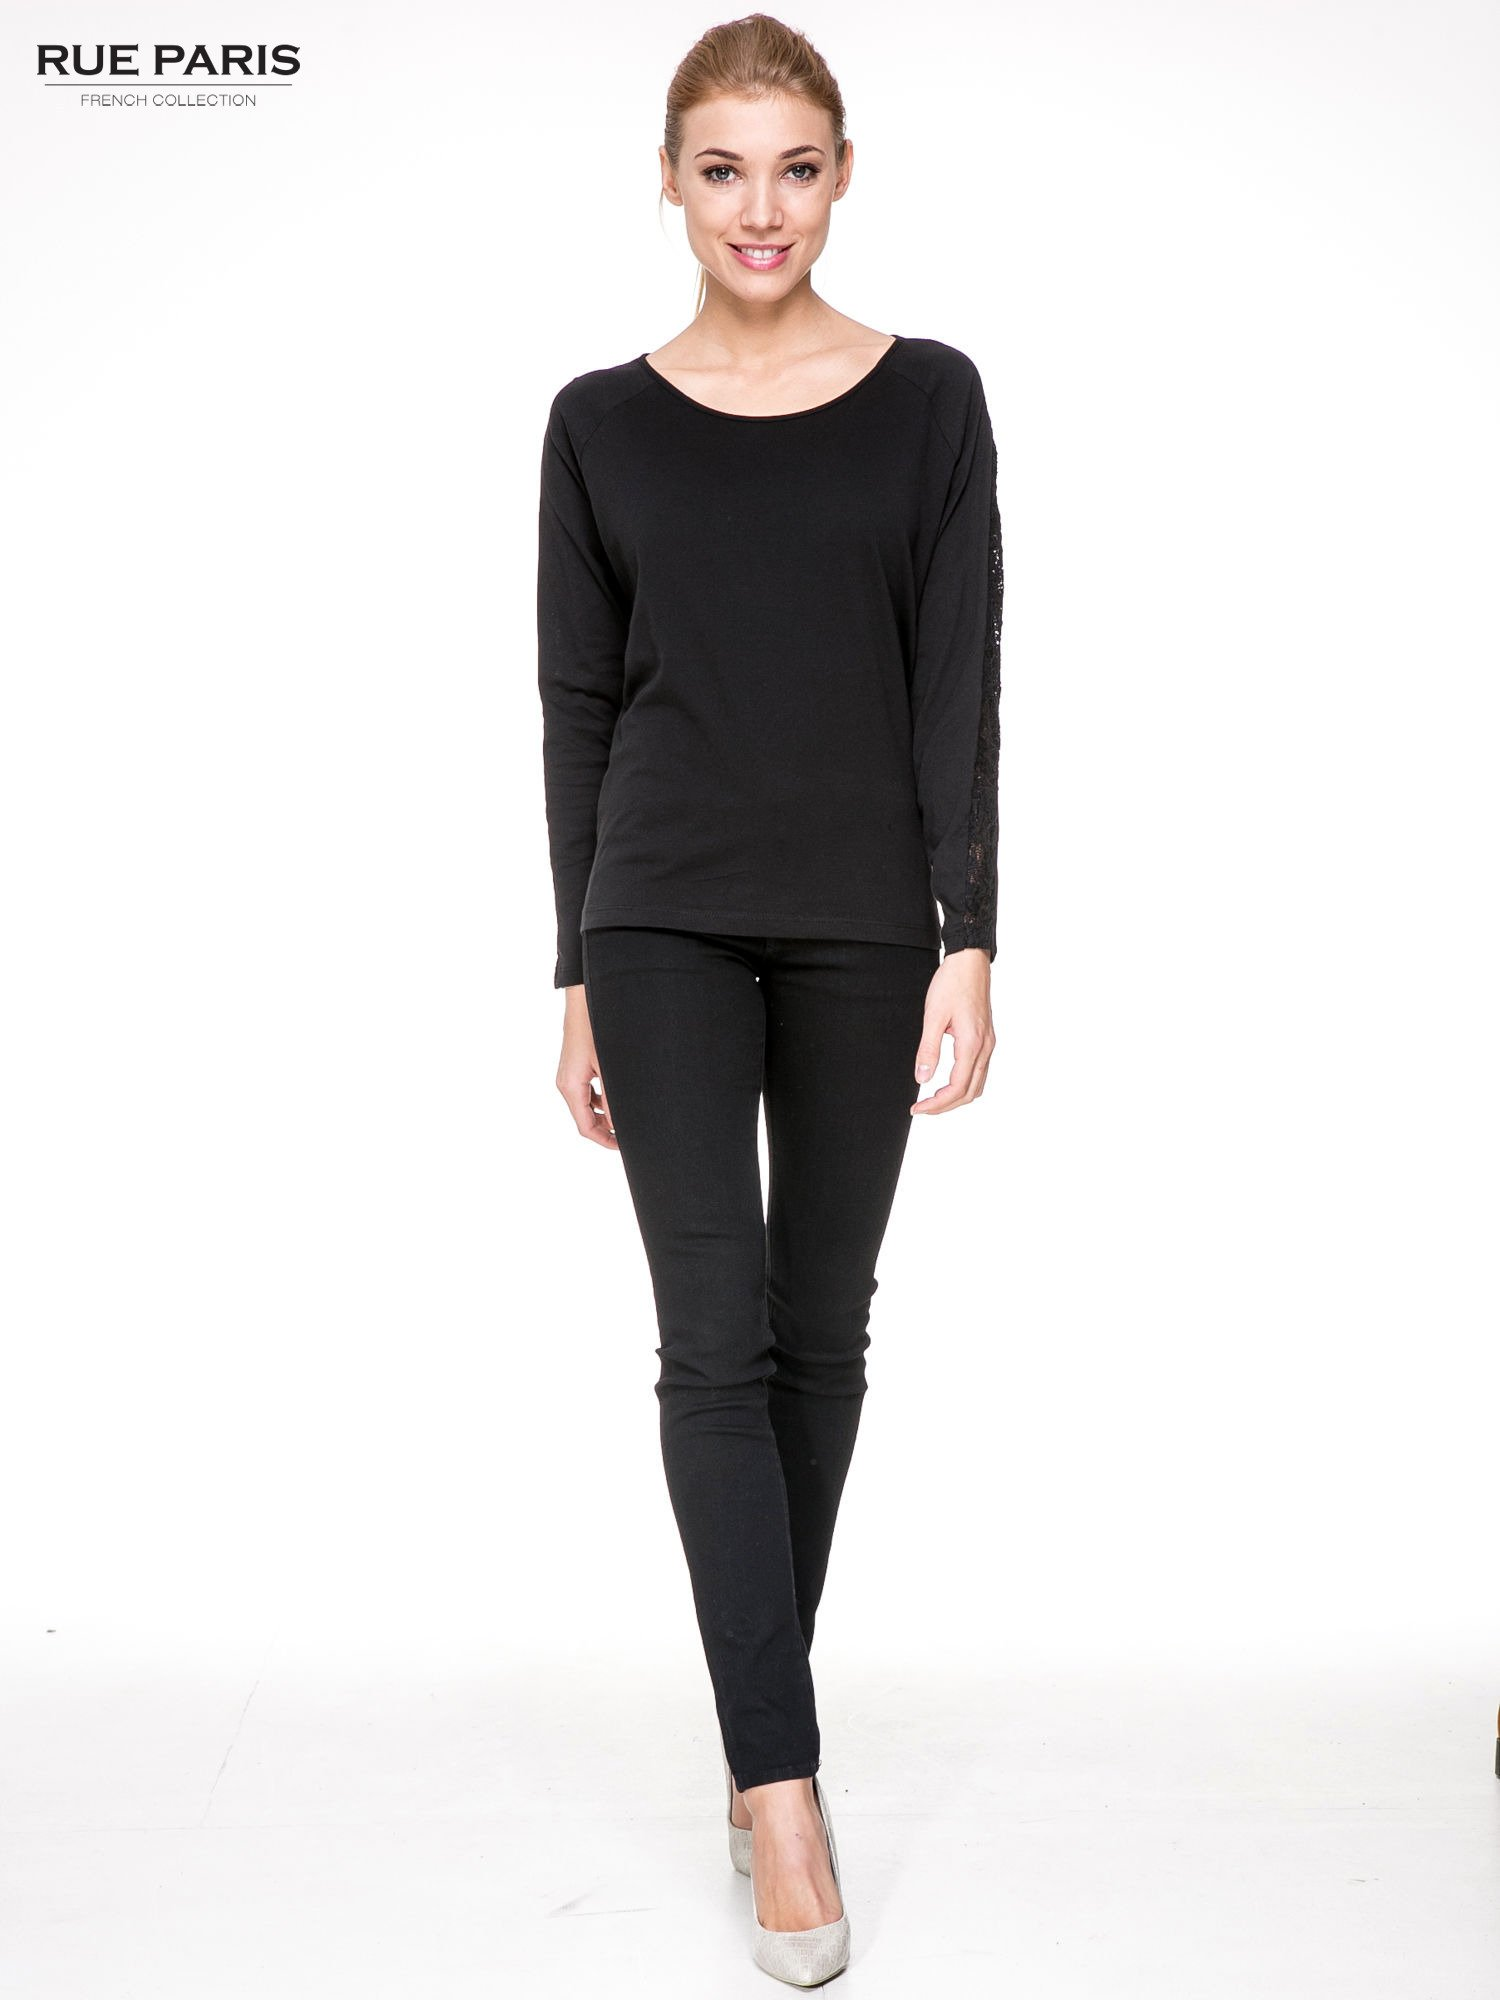 Czarna bluzka z koronkową wstawką wzdłuż rękawów                                  zdj.                                  2